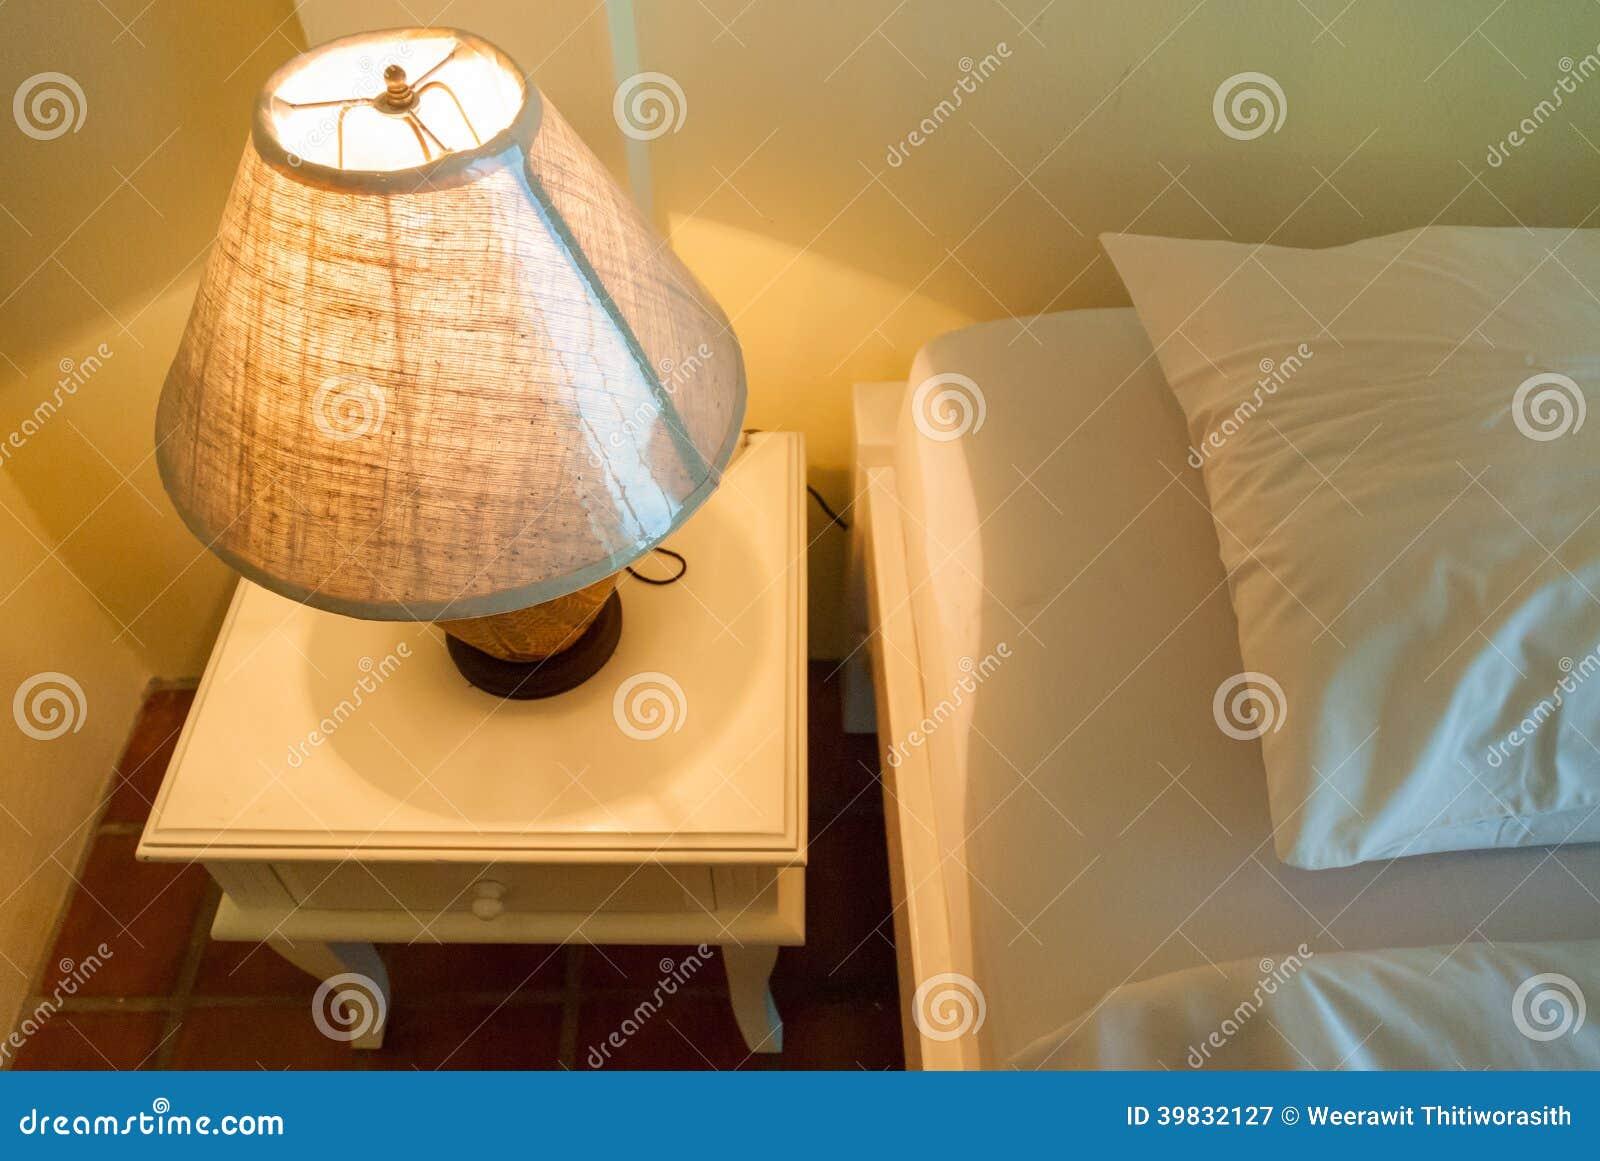 Lámpara En Una Tabla De Noche Al Lado De Una Cama Imagen de archivo ...